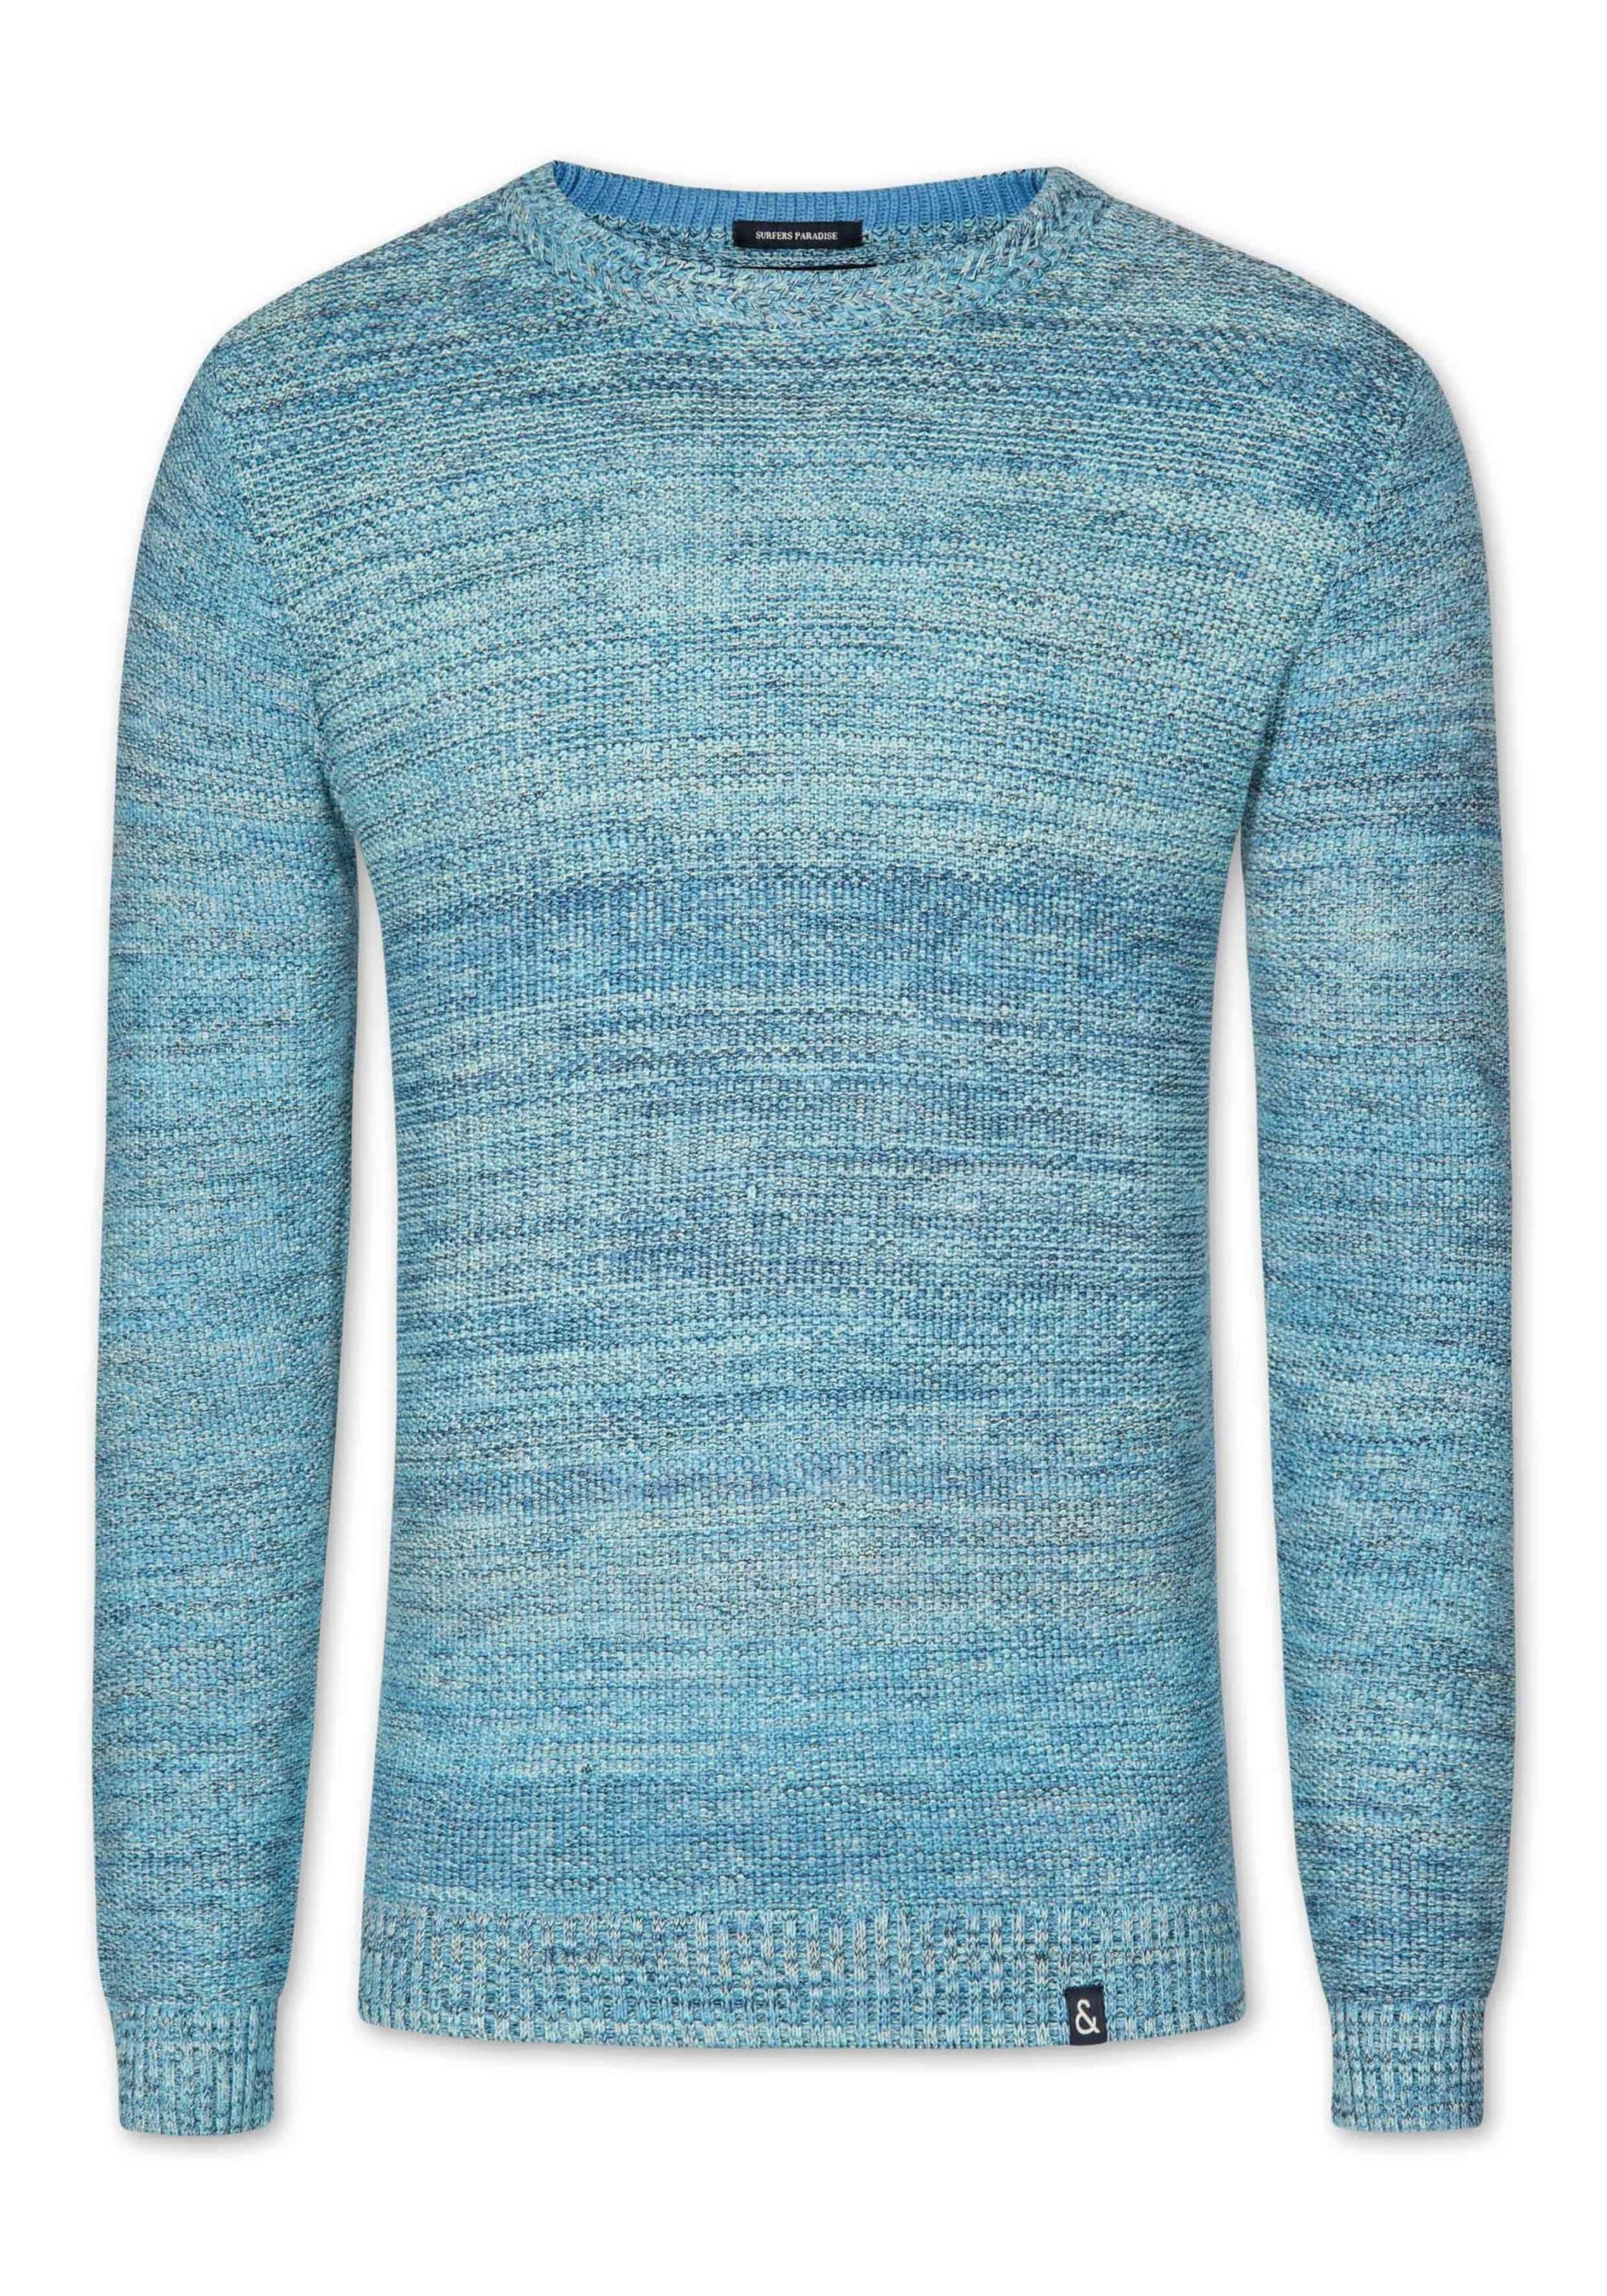 In Sons BlaumeliertPetrol 'stan' Coloursamp; Pullover rBdeWCQxoE